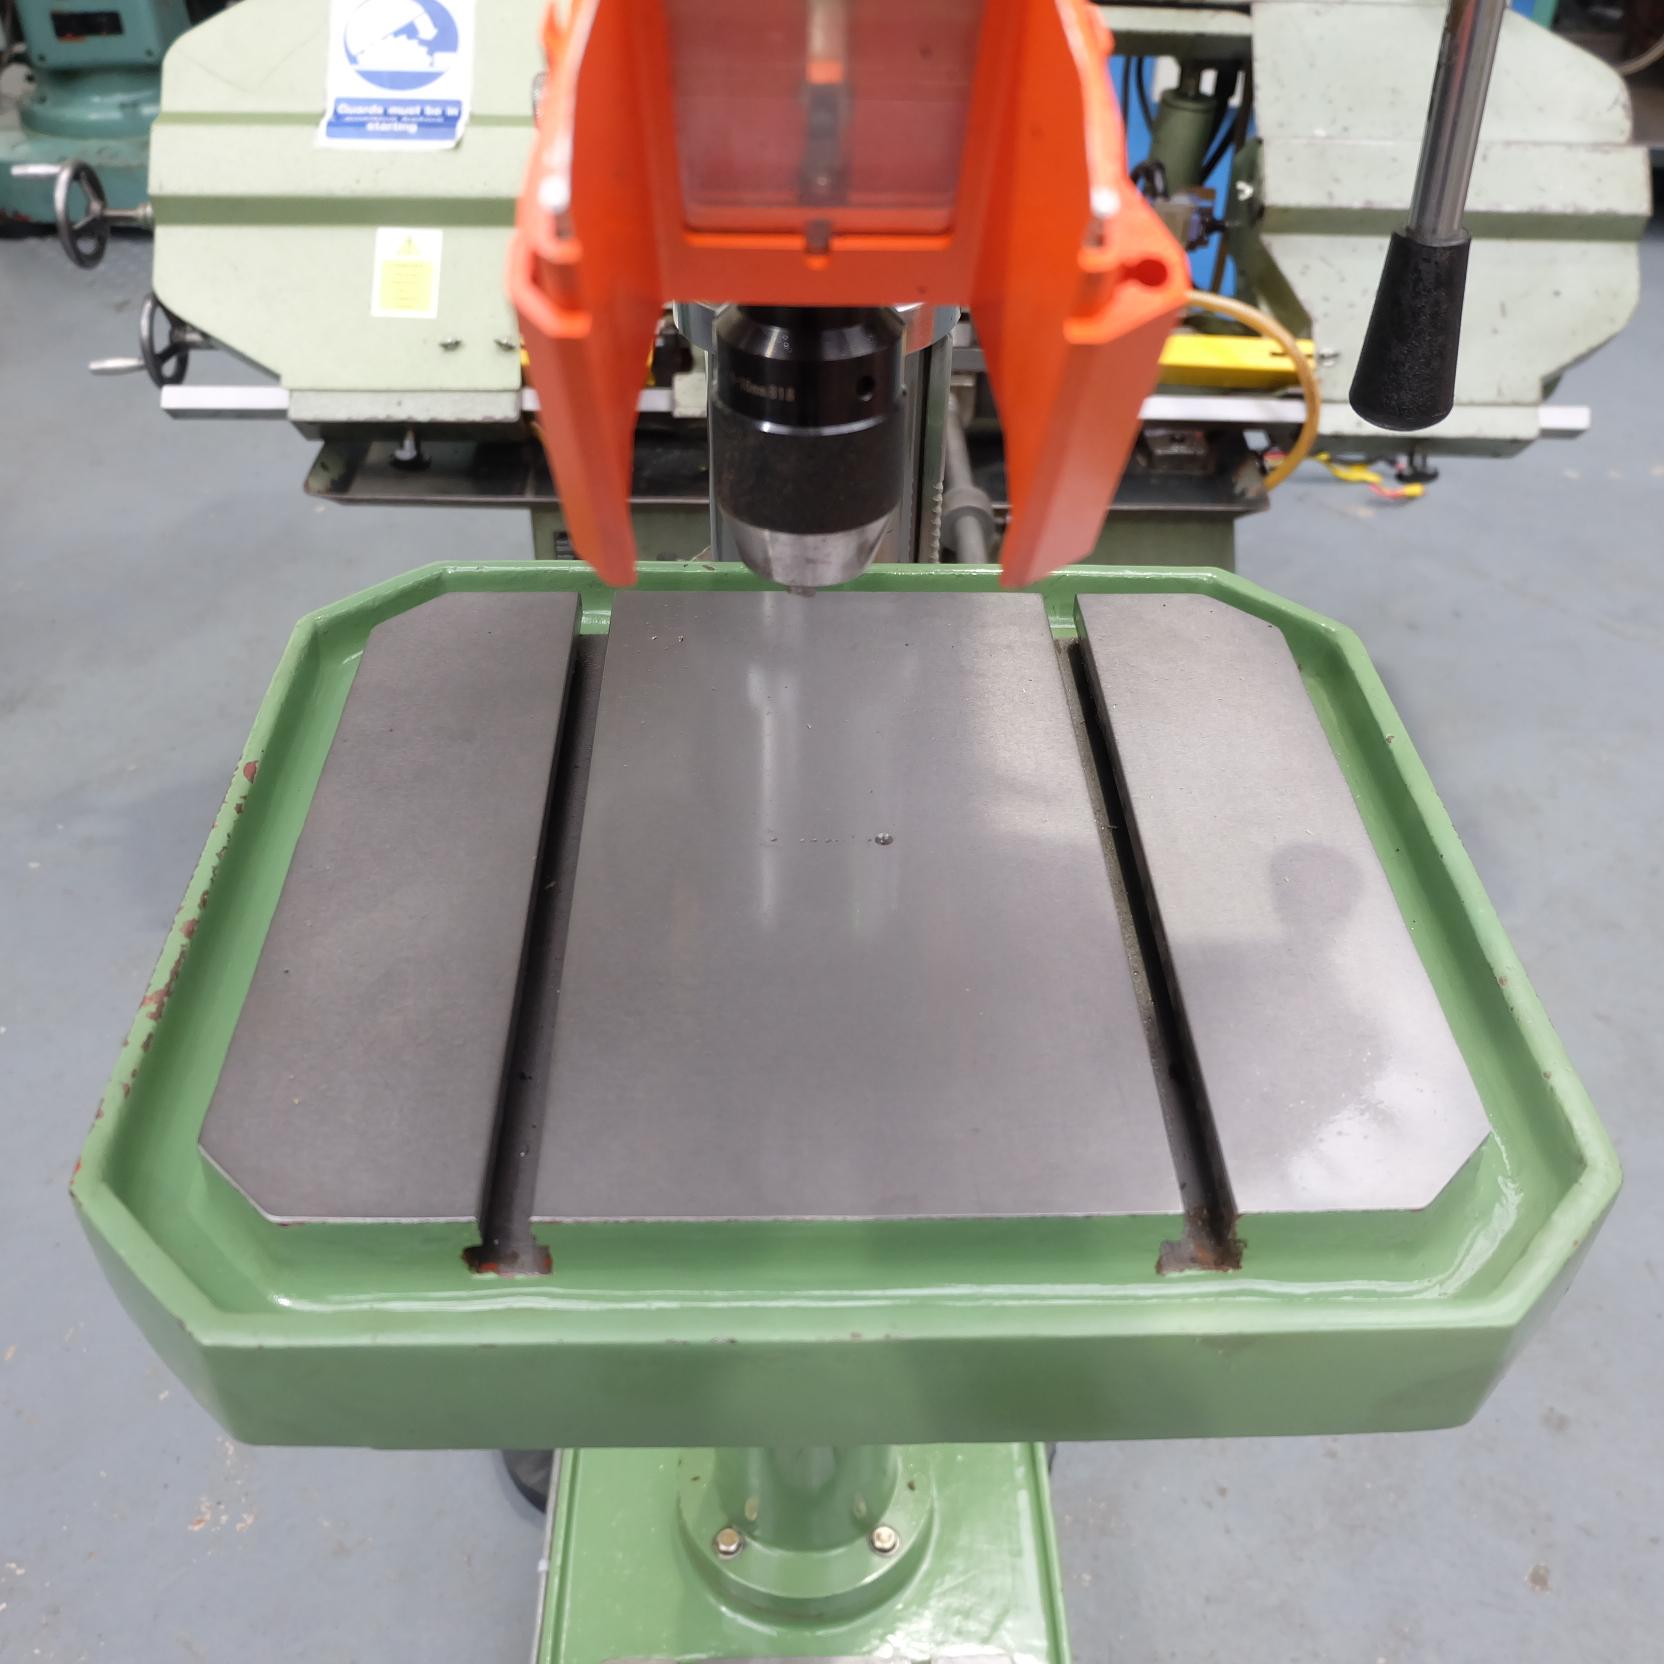 Warco Model DT-25: Floor Standing Pillar Drill. - Image 6 of 8